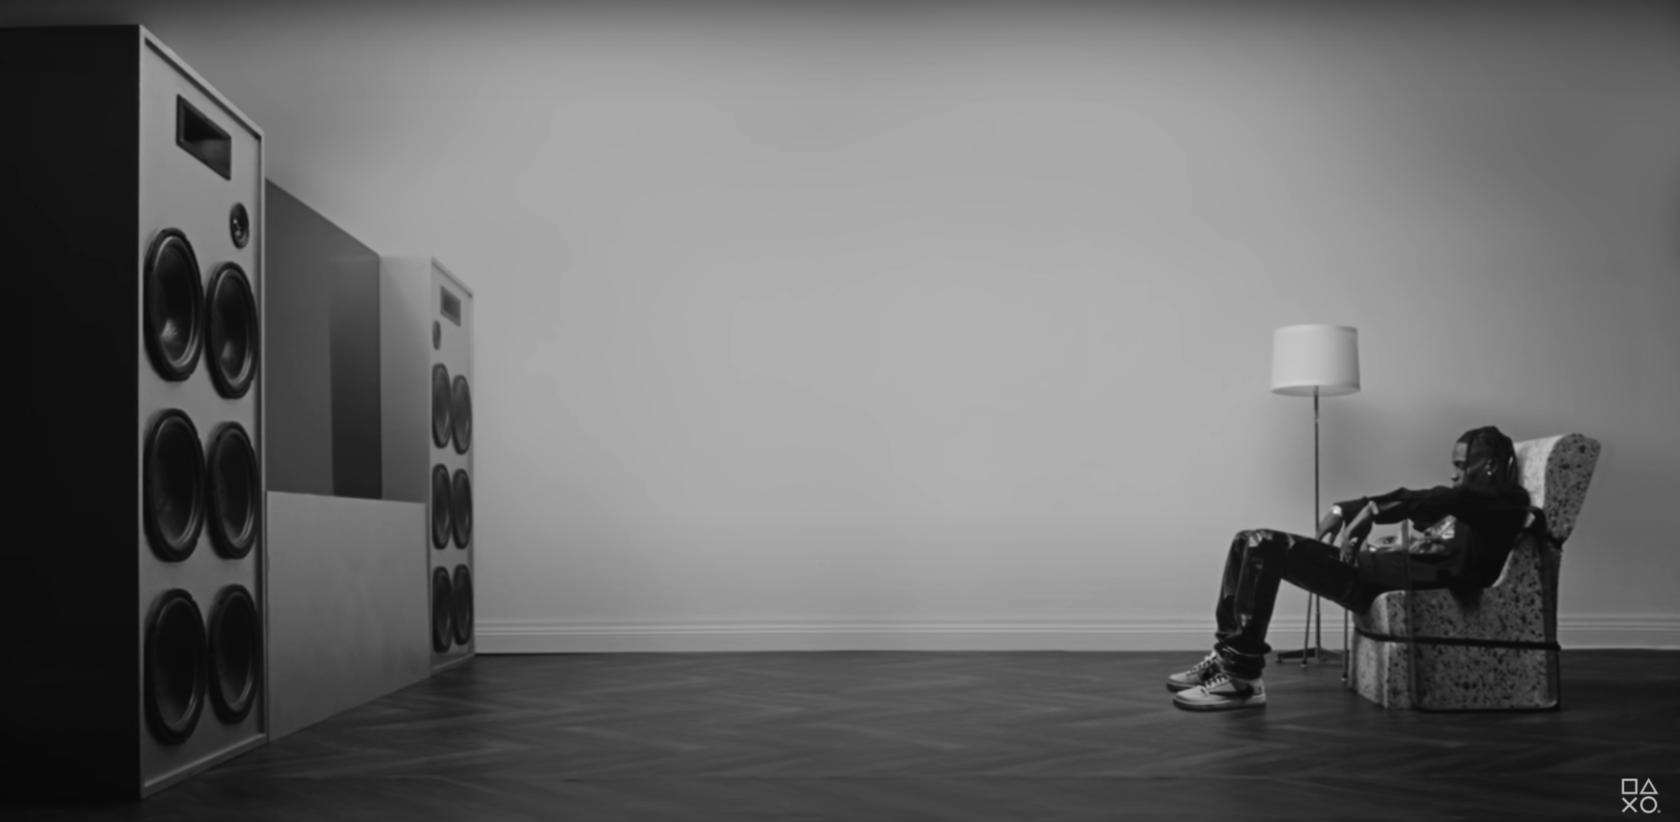 Рэпер Travis Scott снялся в рекламном ролике PlayStation 5